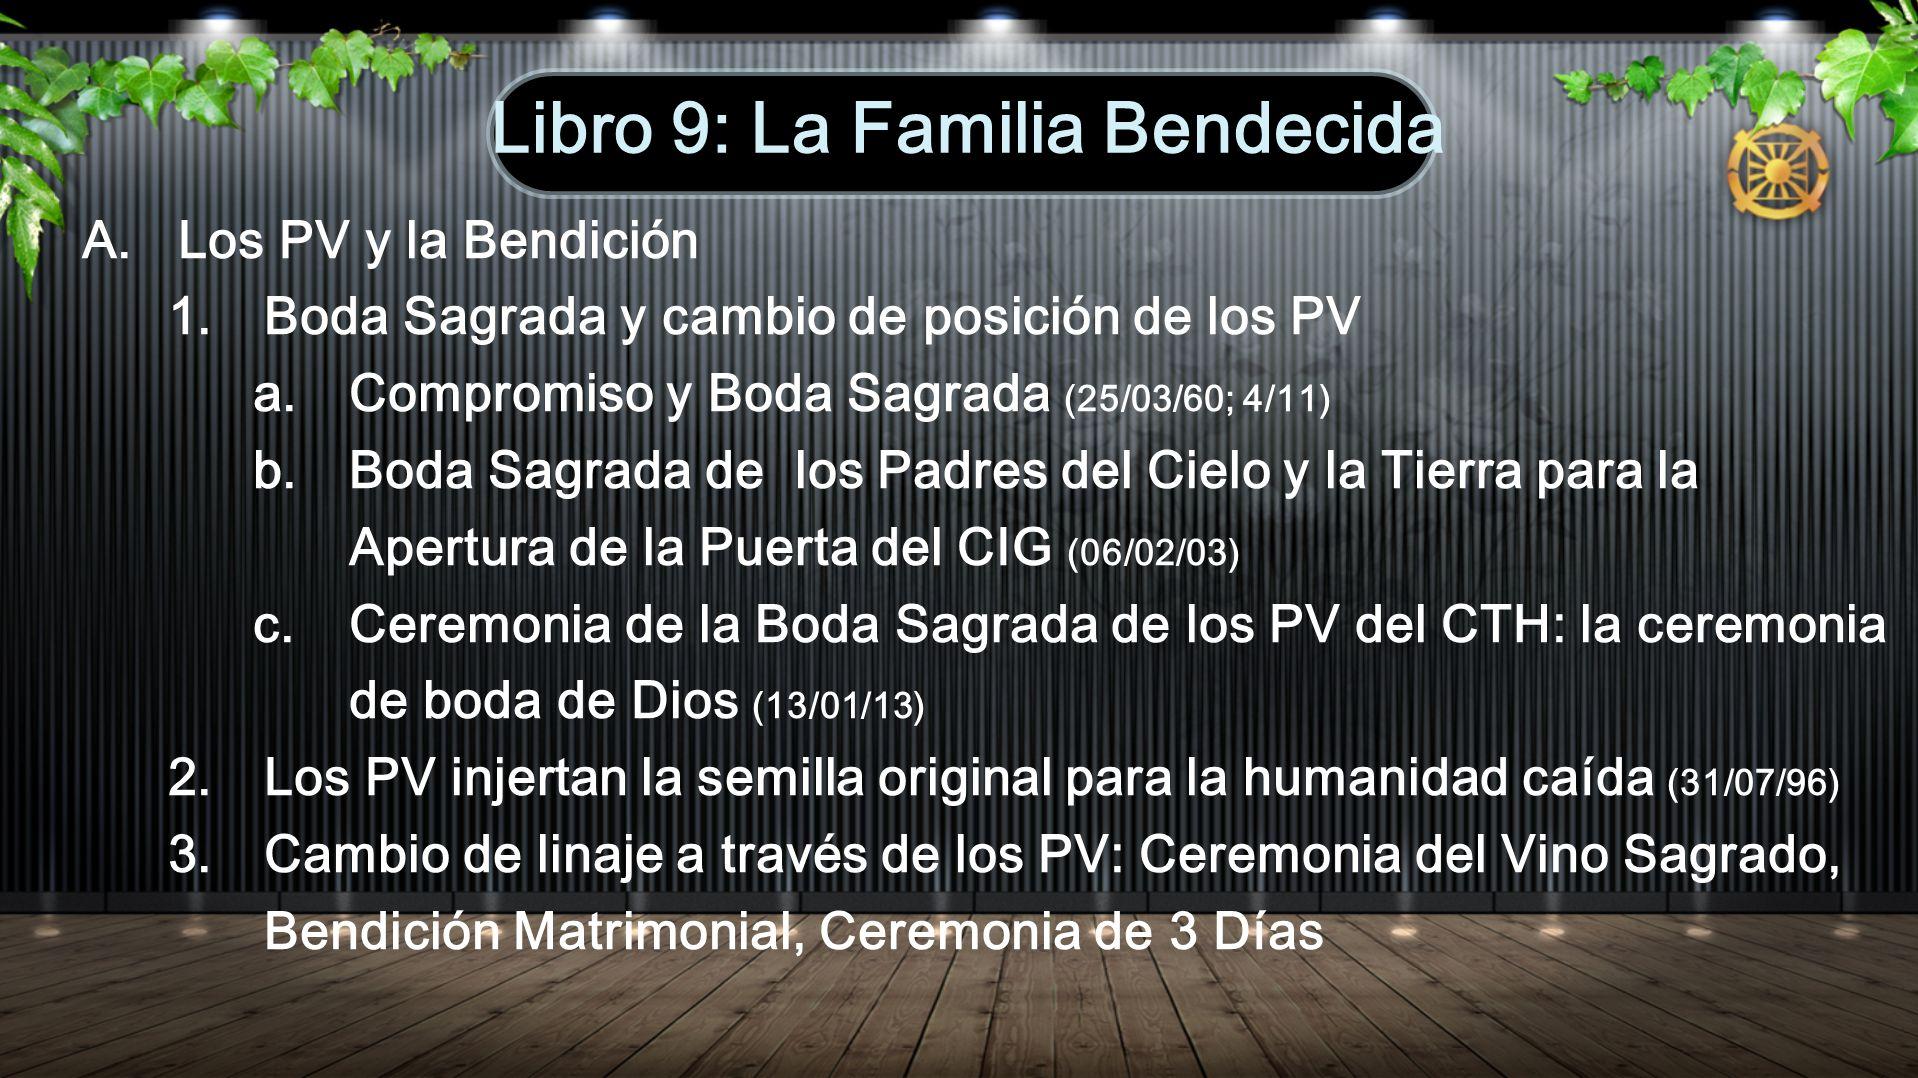 A. Los PV y la Bendición 1. Boda Sagrada y cambio de posición de los PV a. Compromiso y Boda Sagrada (25/03/60; 4/11) b. Boda Sagrada de los Padres de